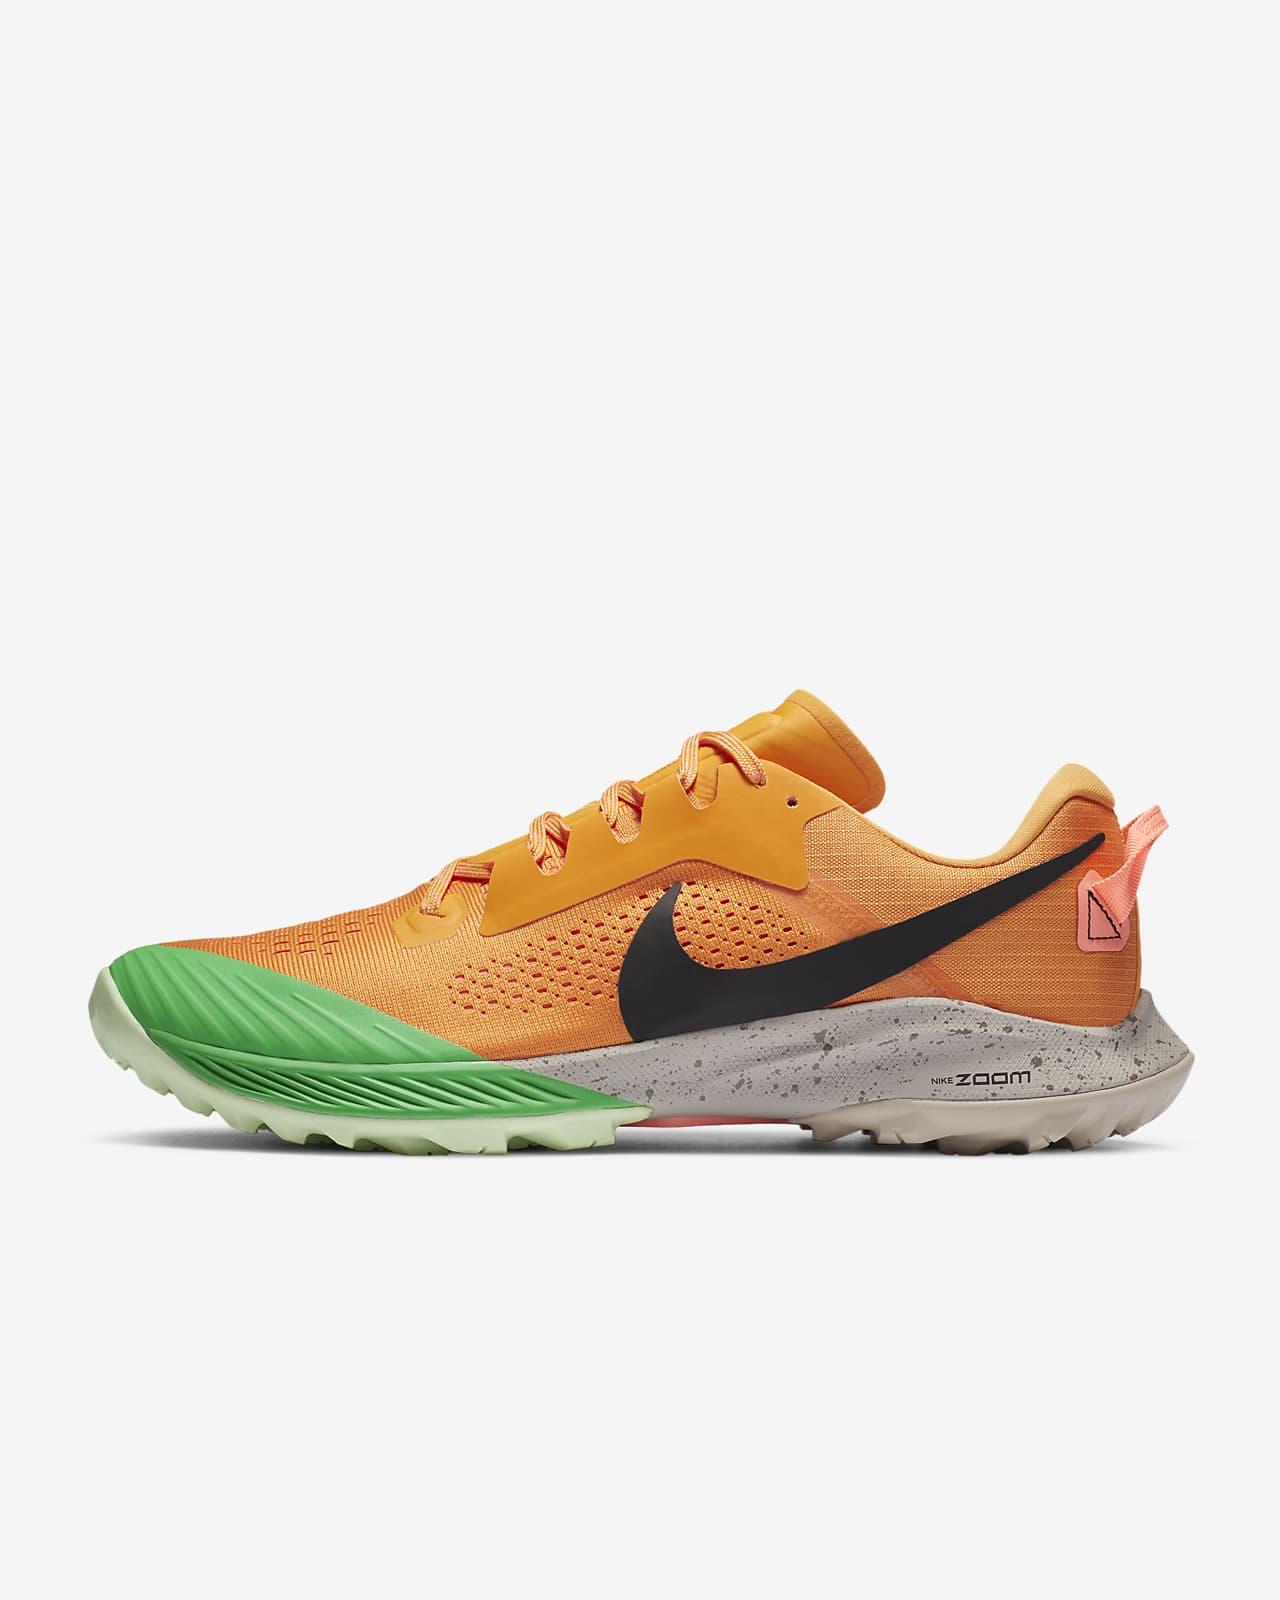 dolore azione A parte  Scarpa da trail running Nike Air Zoom Terra Kiger 6 - Uomo. Nike CH